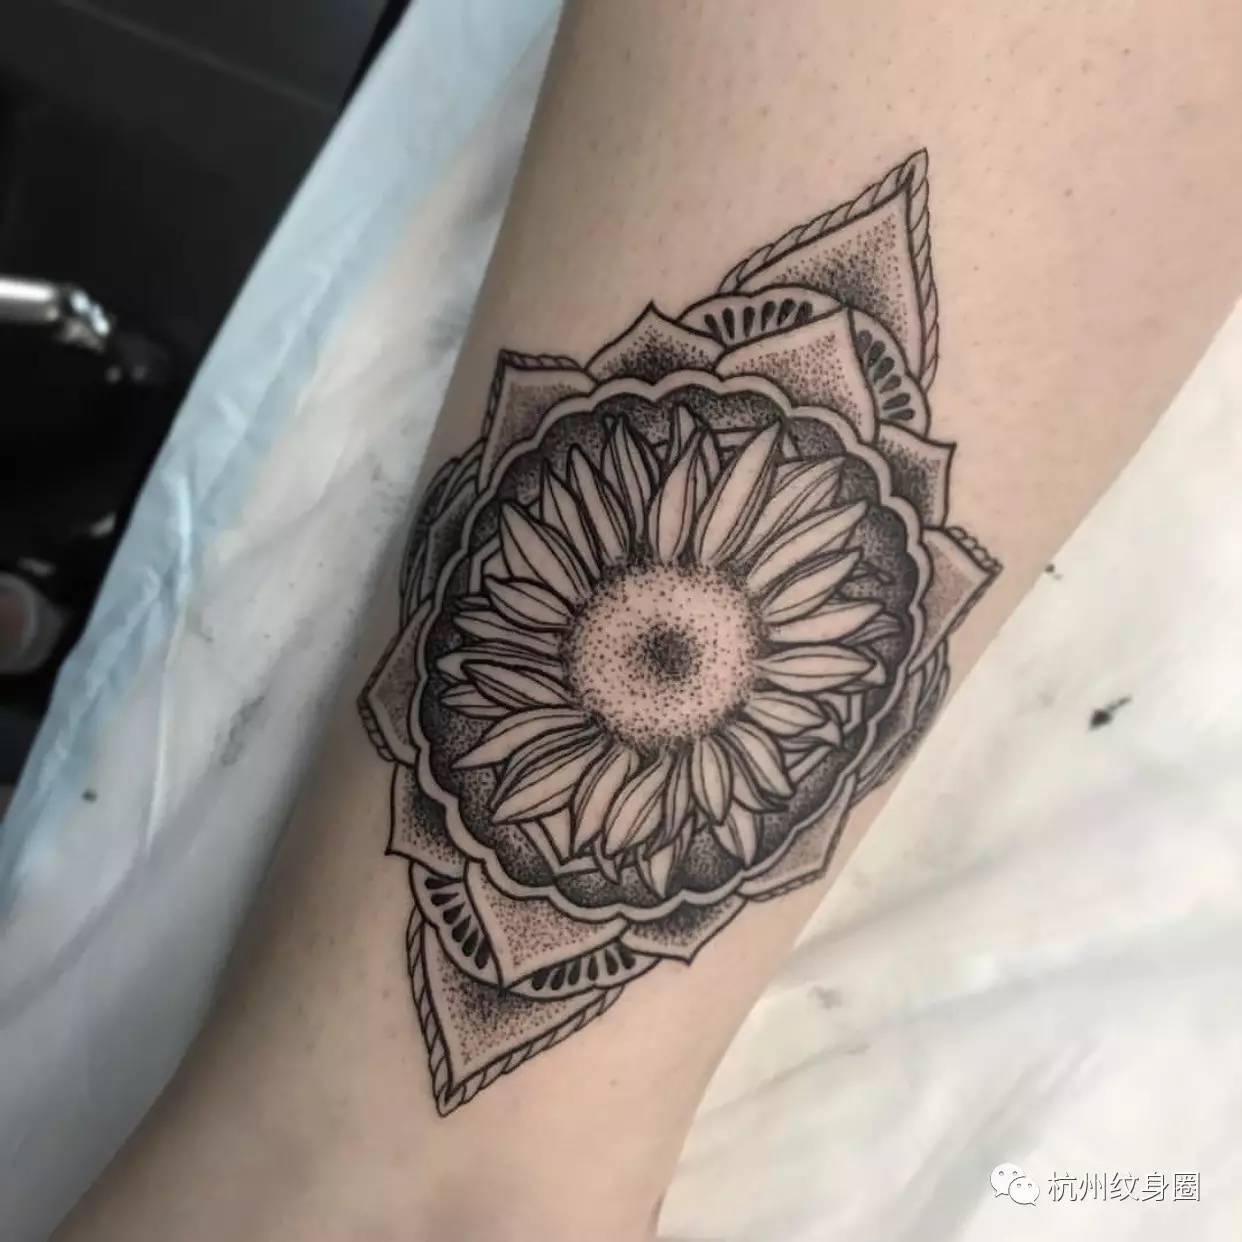 tattoo | 纹身素材:向日葵